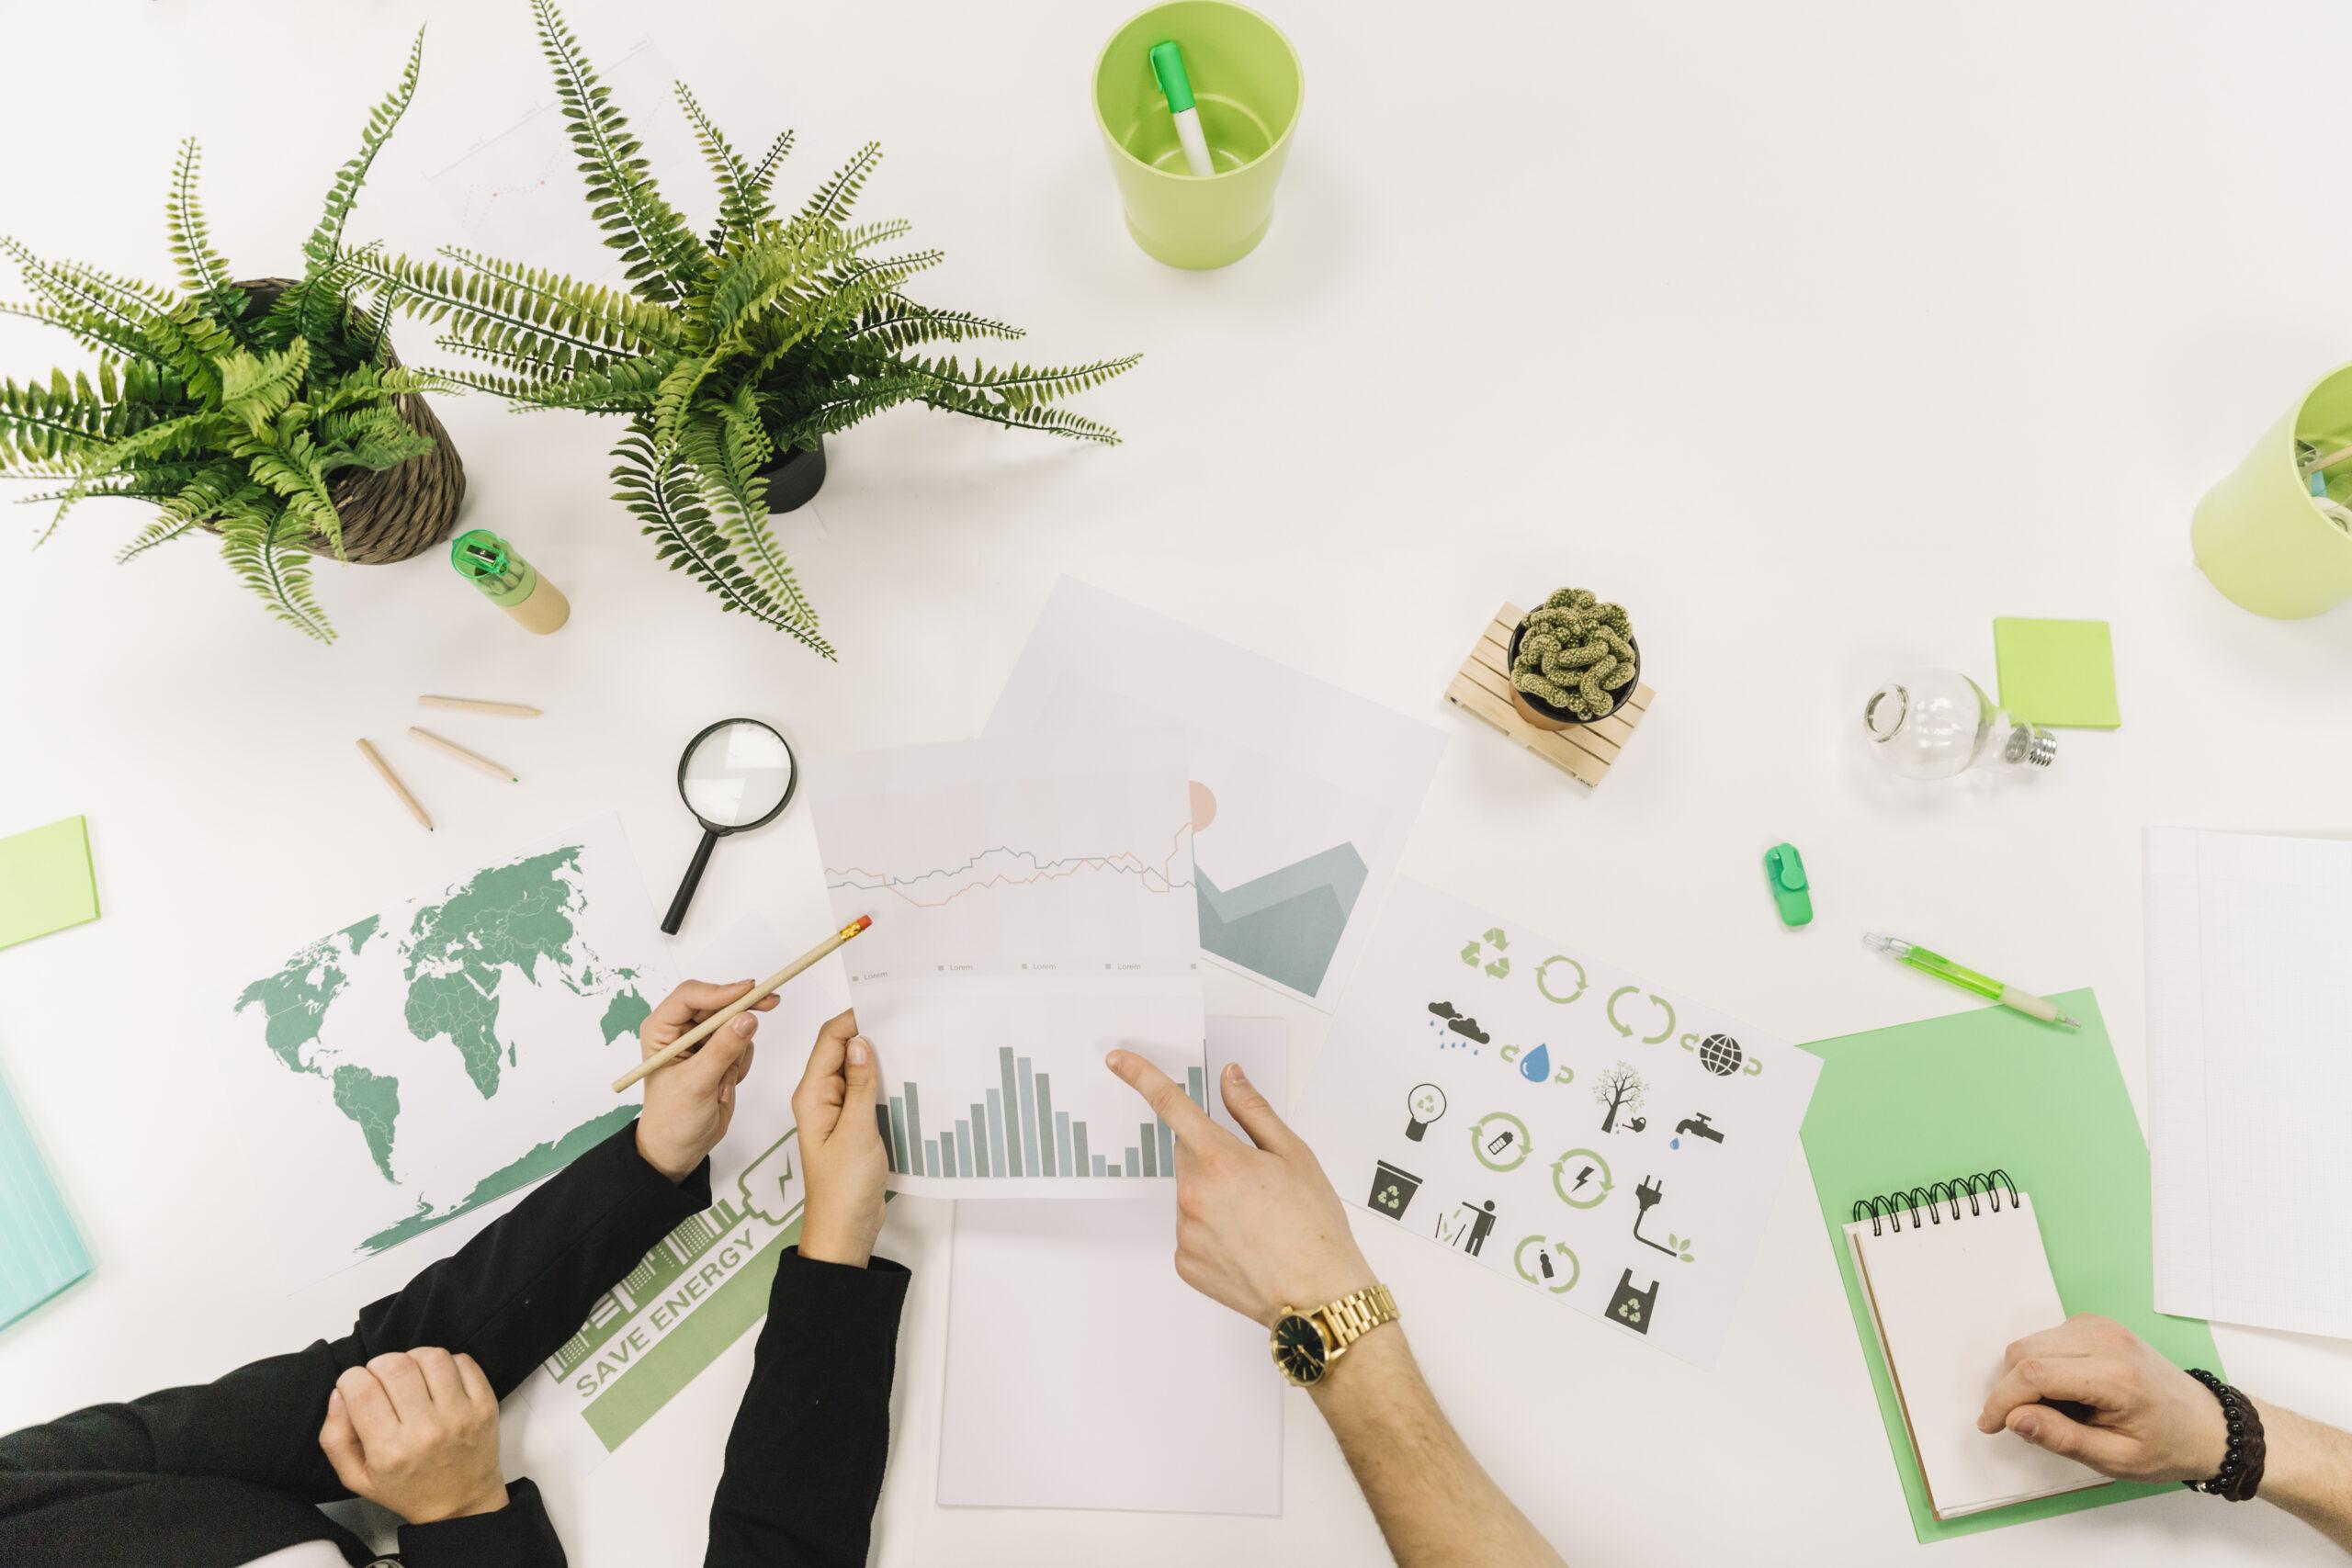 Compañeros de trabajo estudiando unos análisis en la oficina - La importancia de medir los impactos de la empresa - Apambu